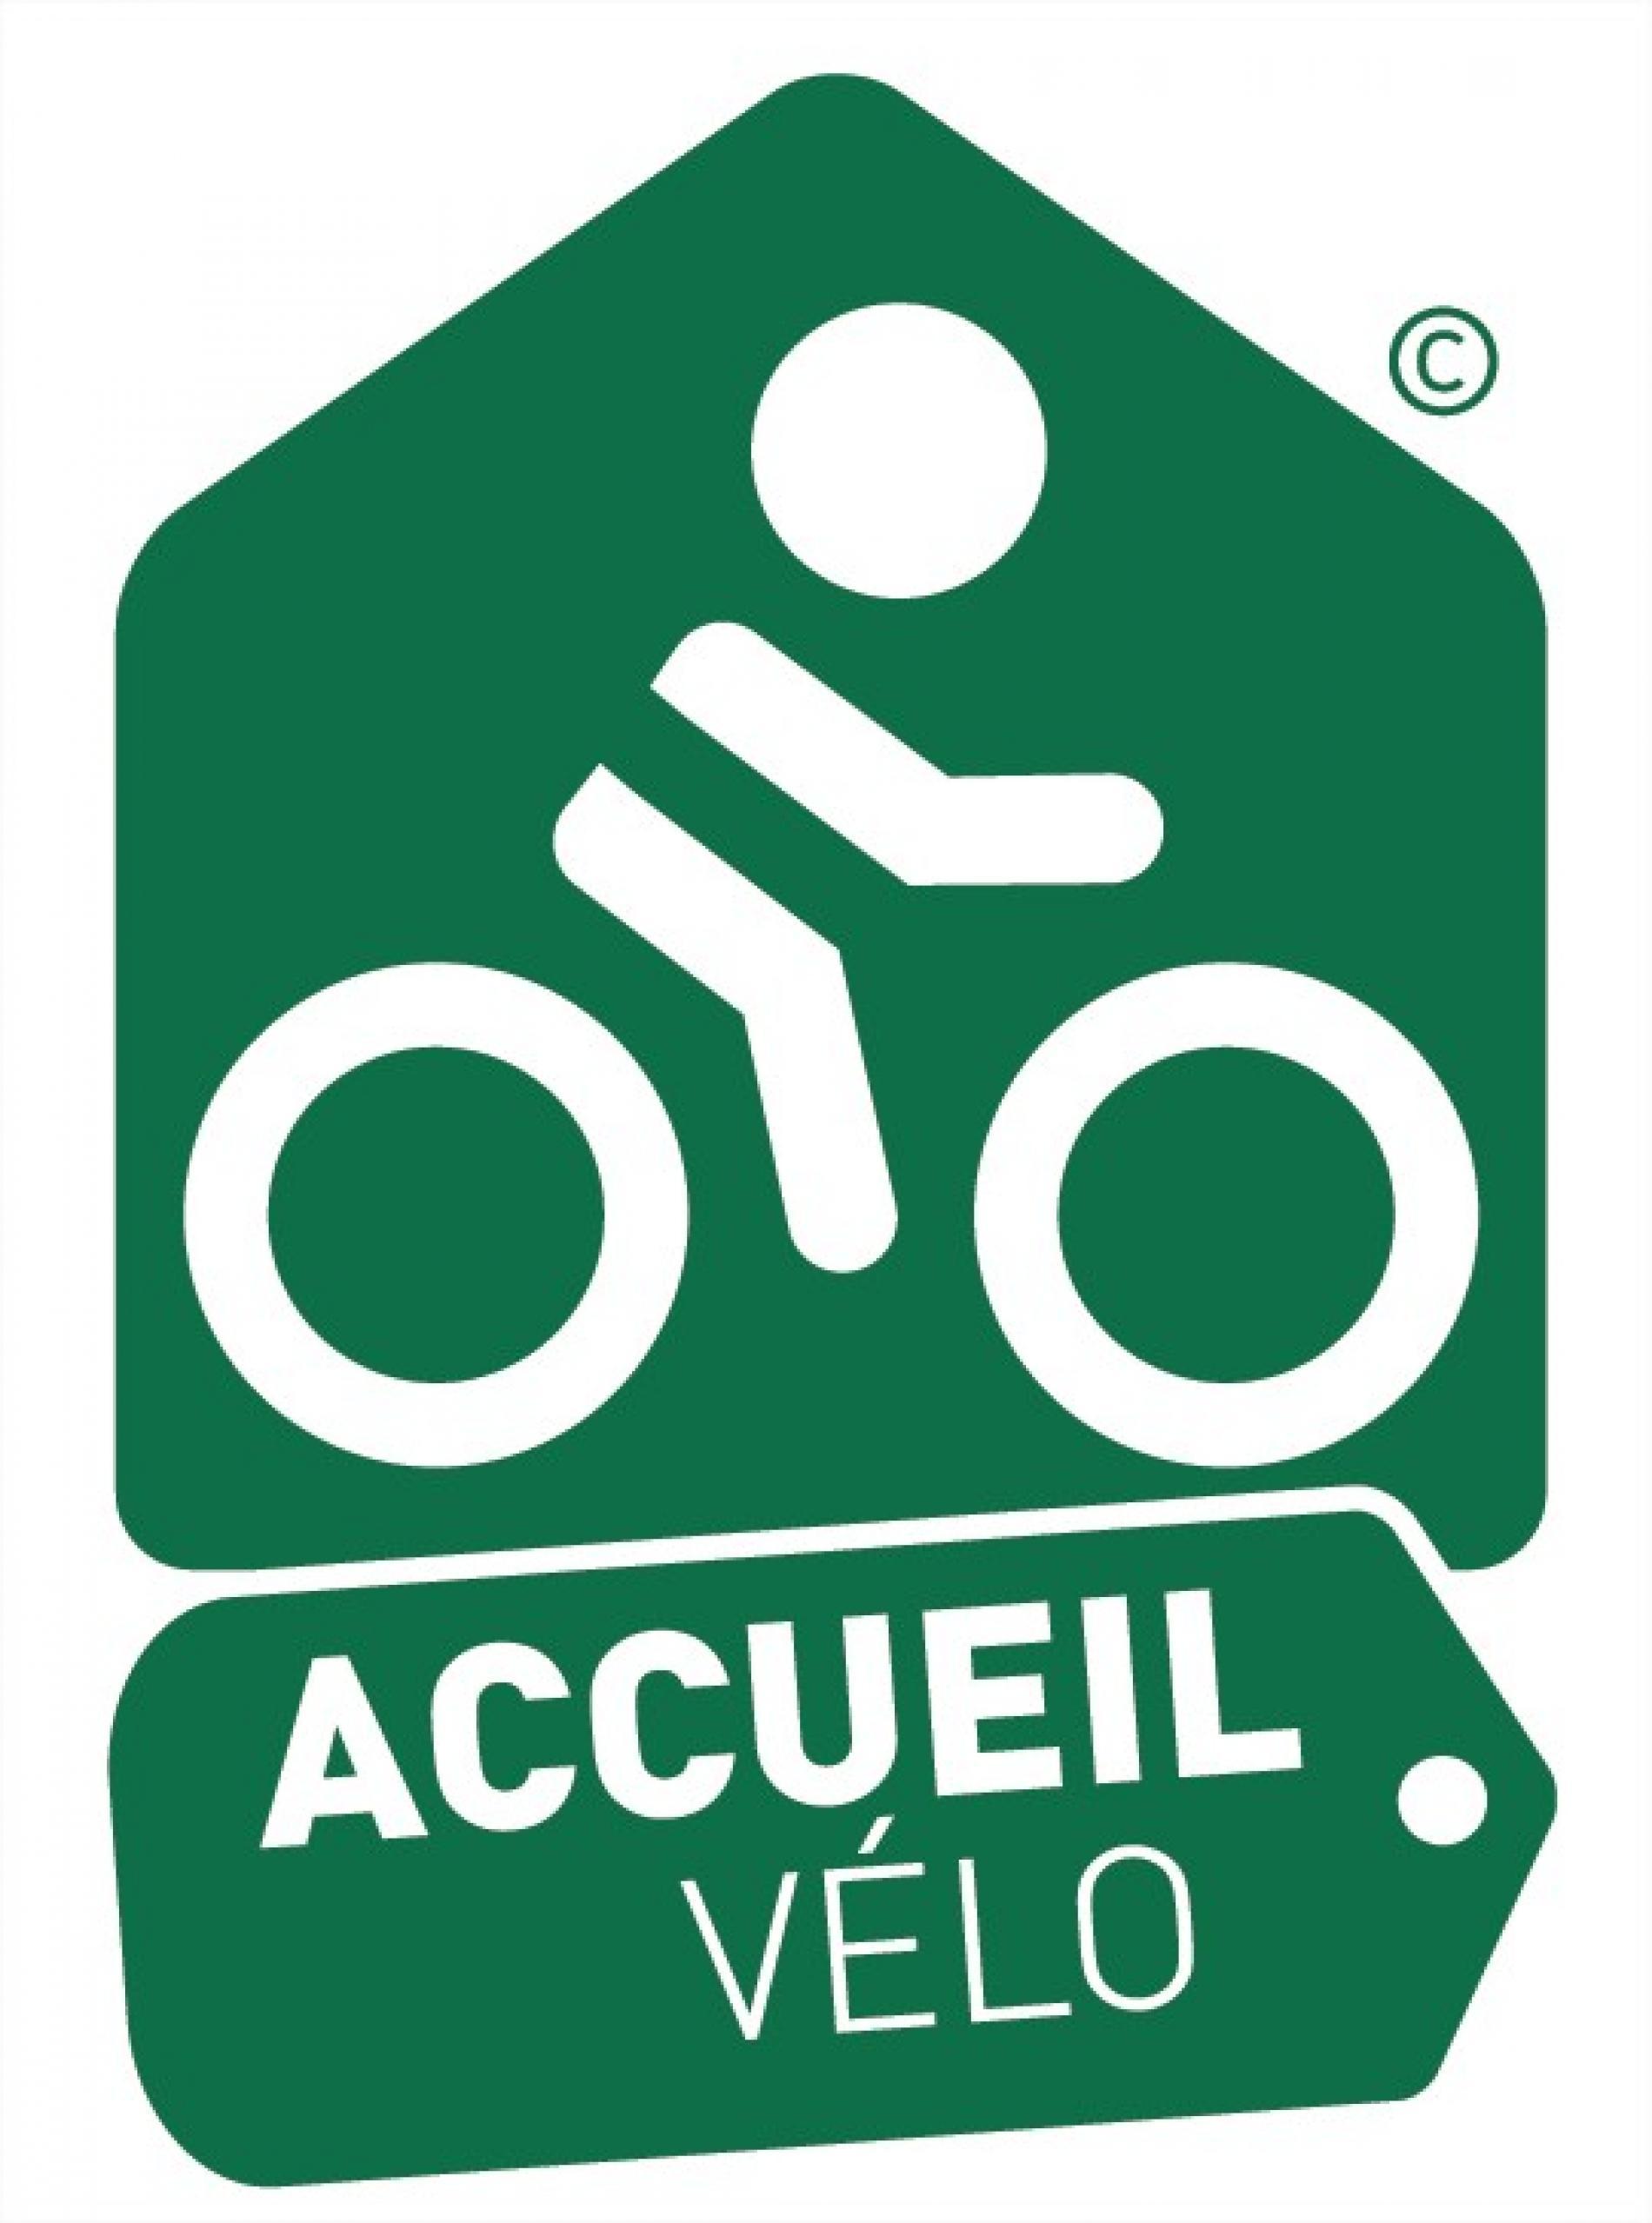 Acceuil vélo avec parking gratuit